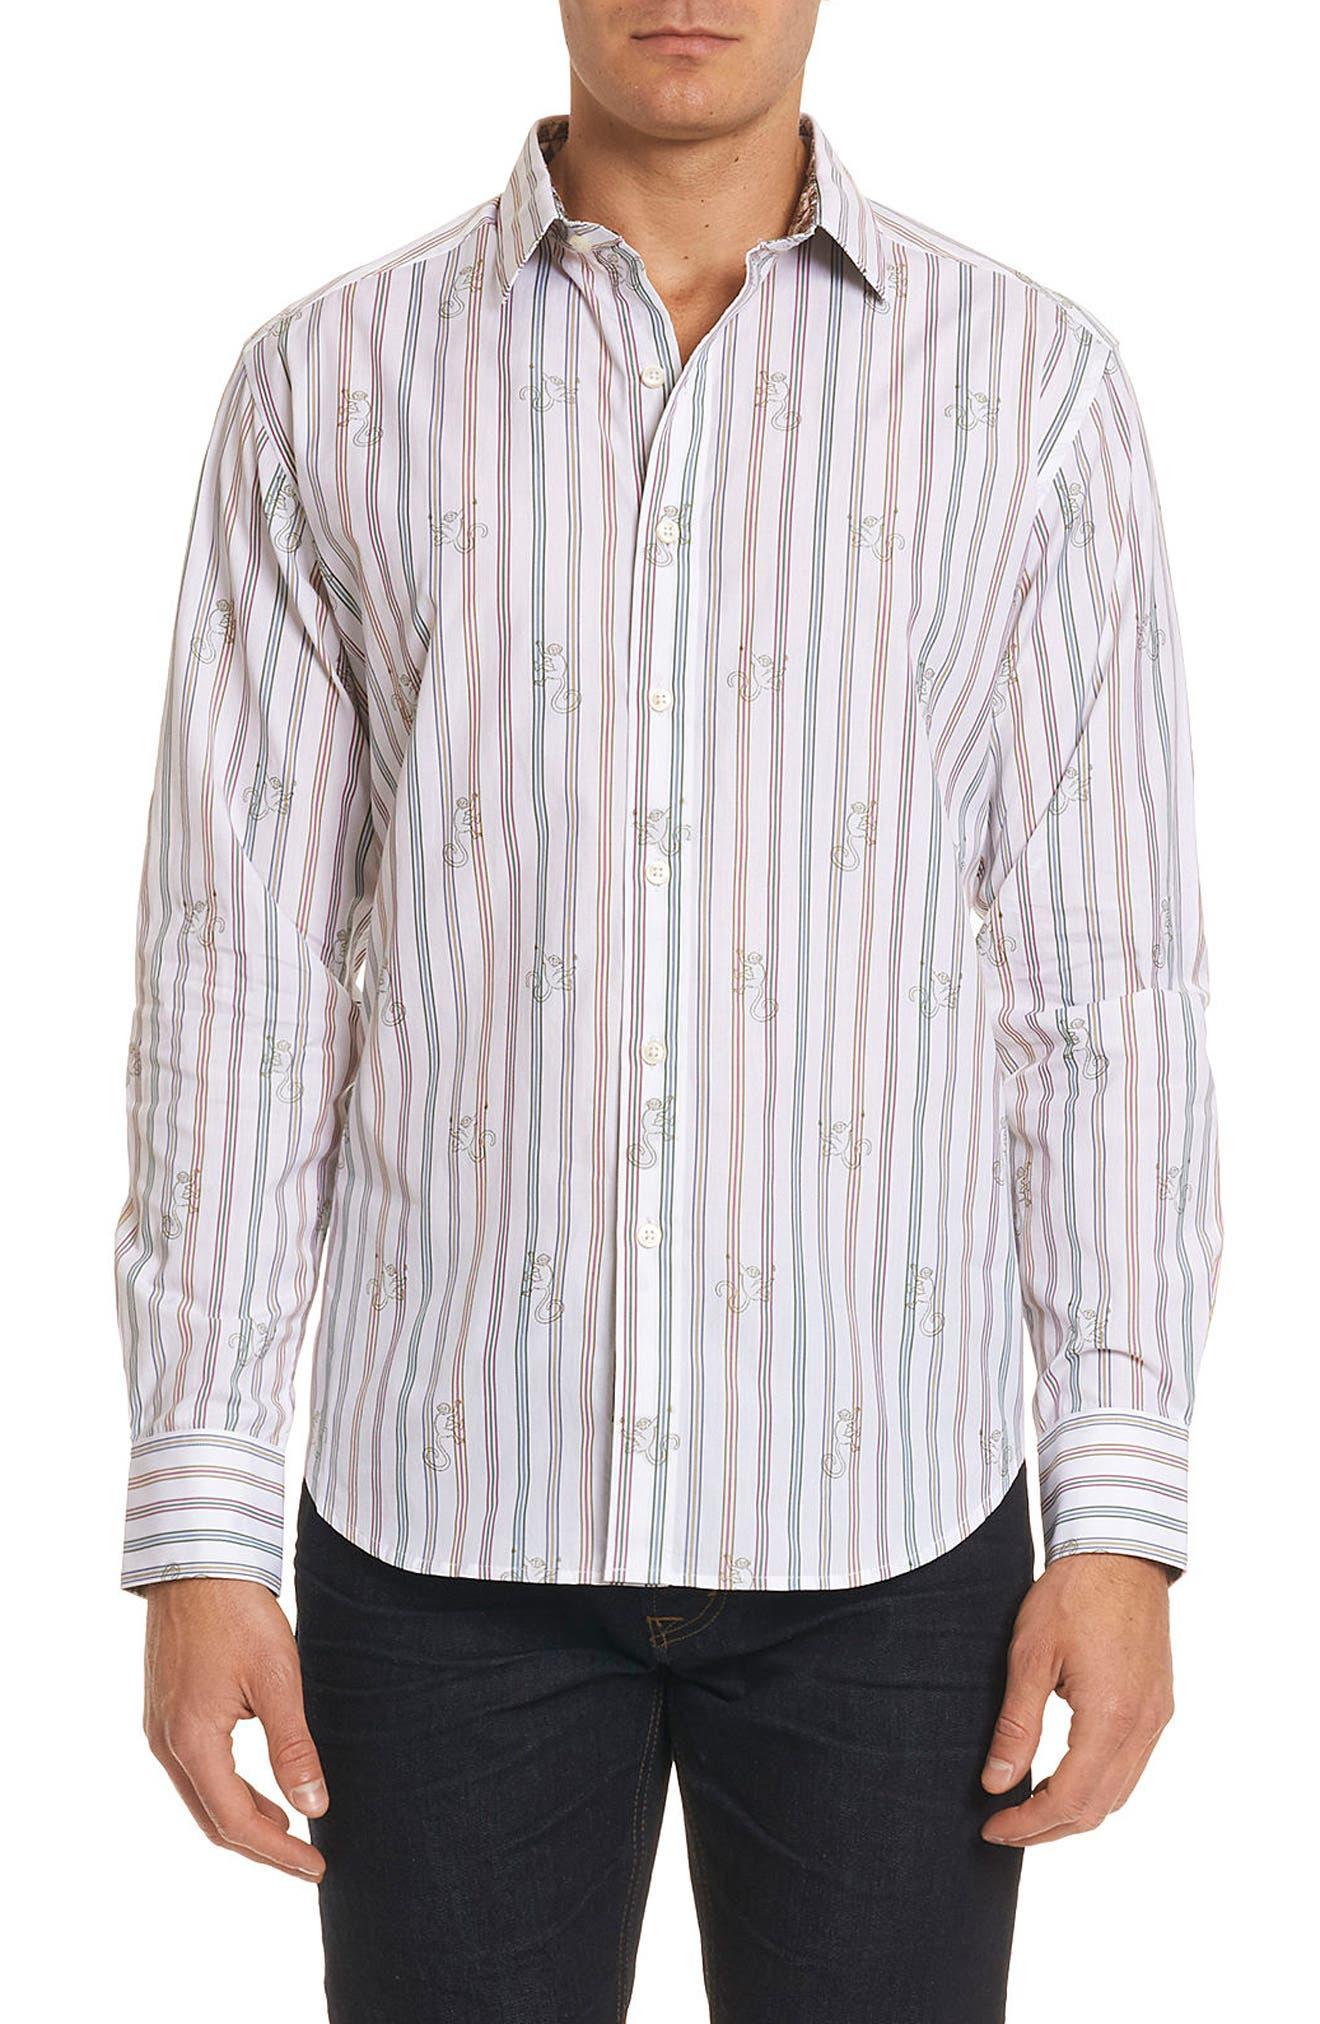 Trinidad Classic Fit Print Sport Shirt,                         Main,                         color,